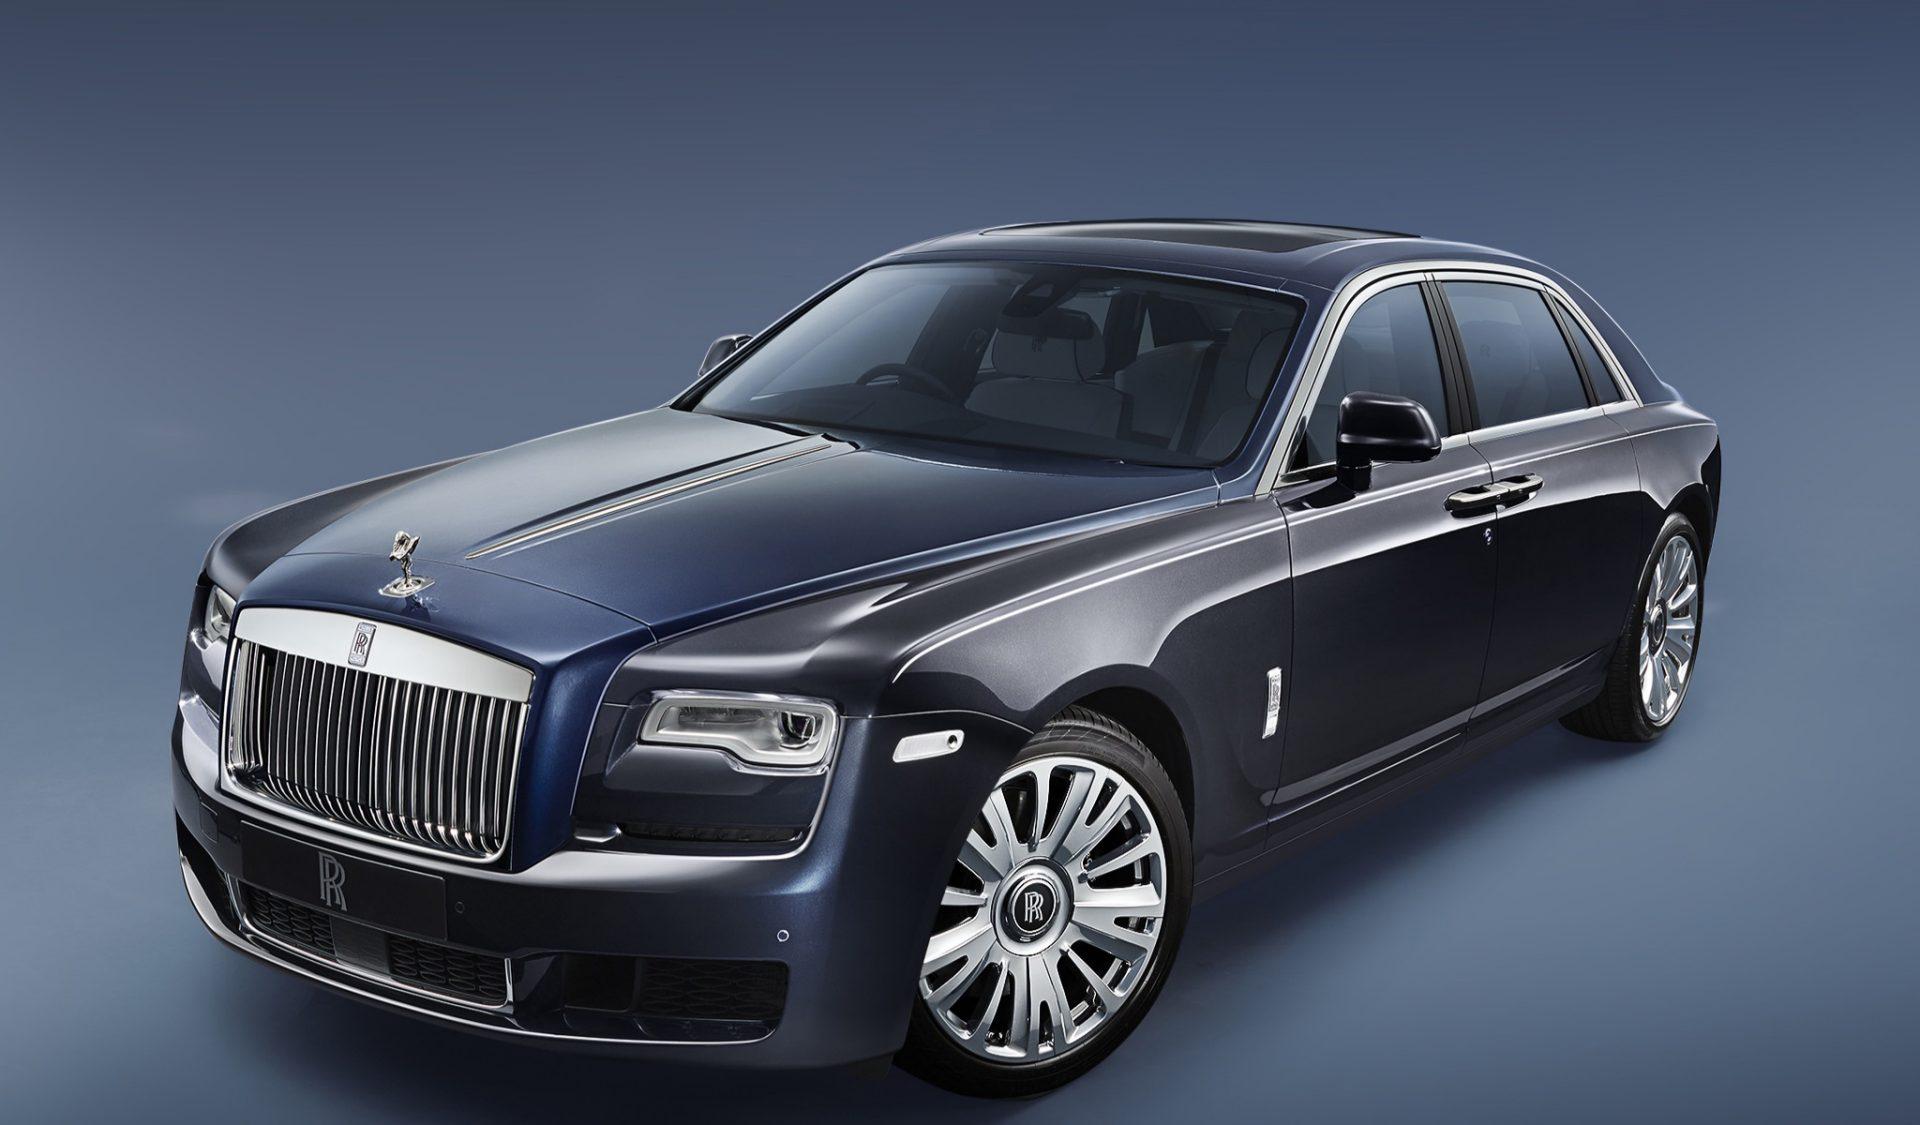 Rolls Royce Houston >> 2018 Rolls-Royce Ghost Series II for Sale in Austin, TX - Rolls-Royce Motor Cars Austin